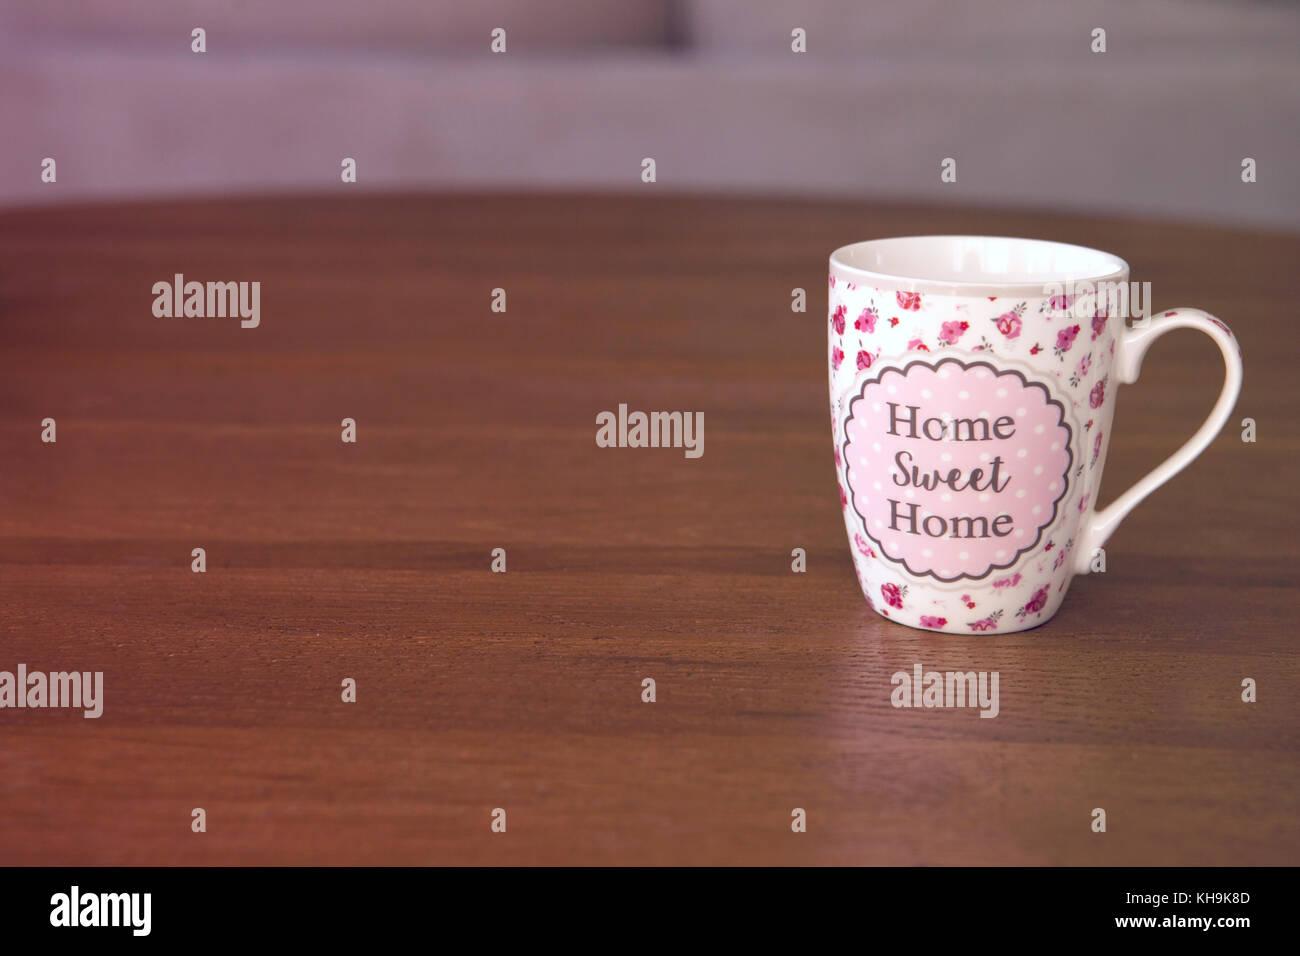 Home sweet home mug on wood table - Stock Image